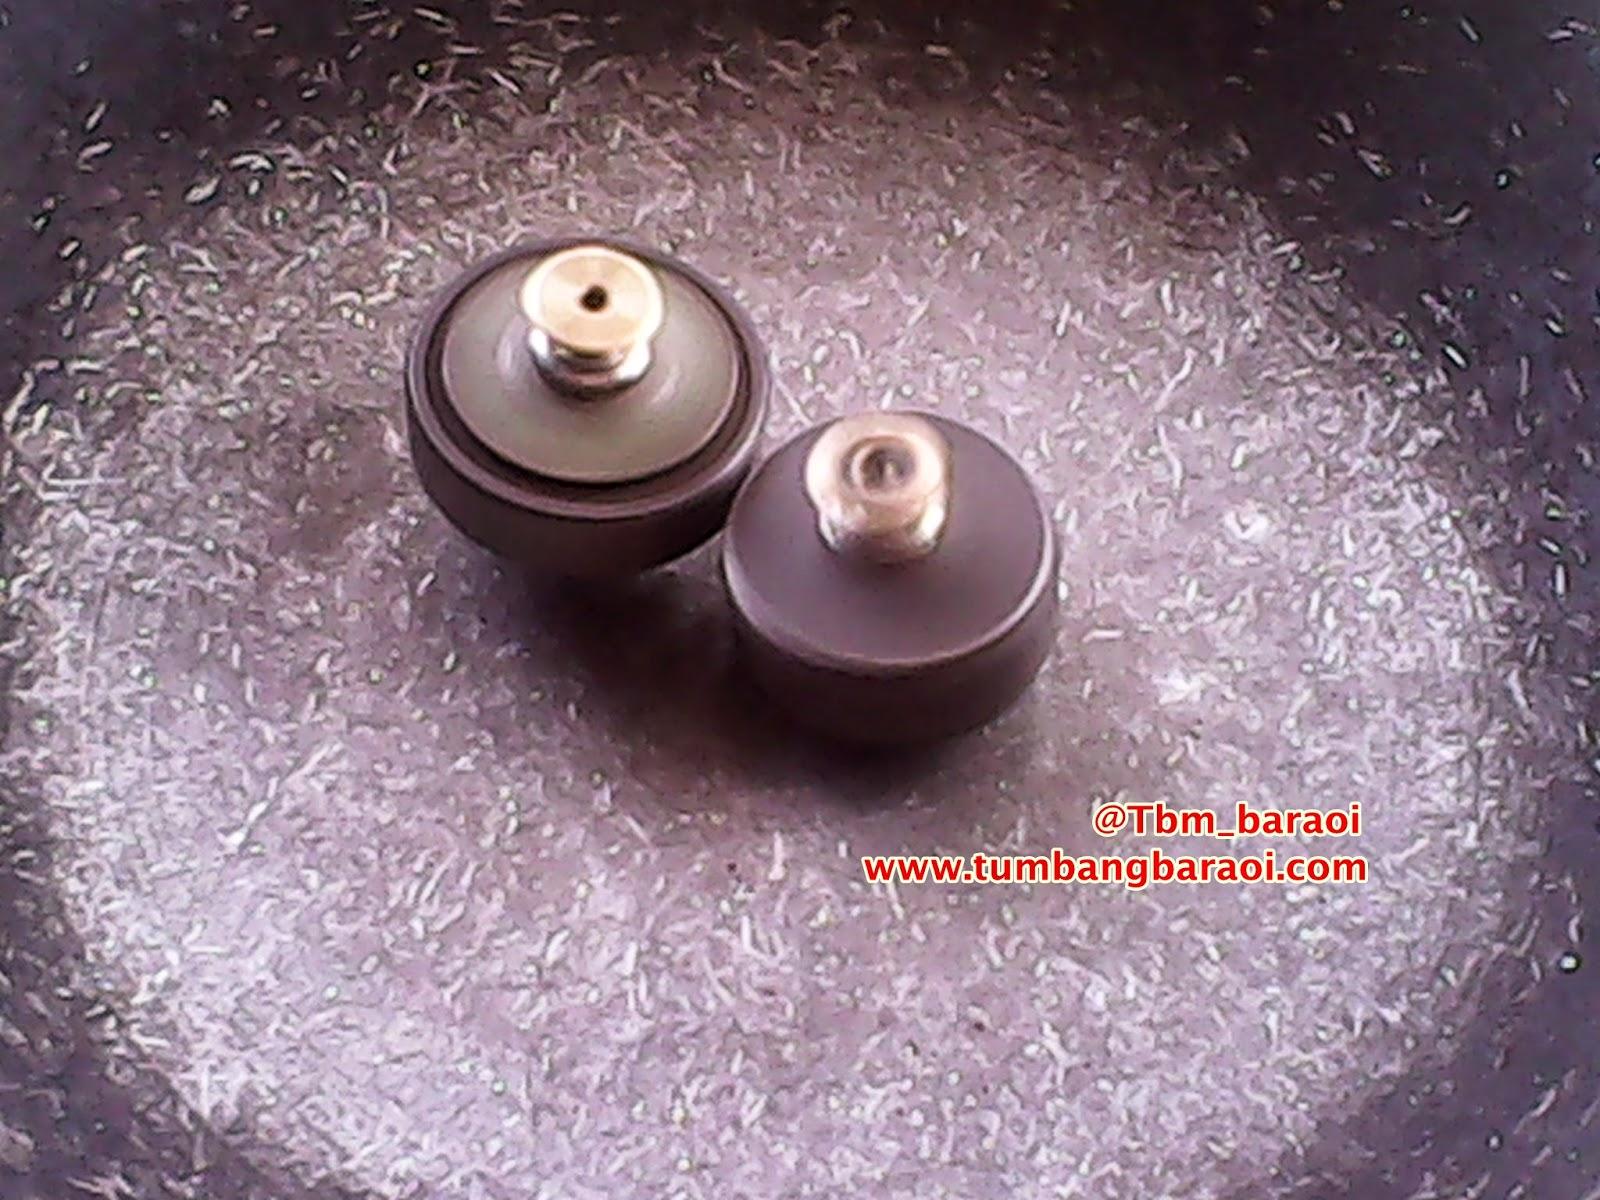 Bahan bekas untuk membuat gasing (beyblade)